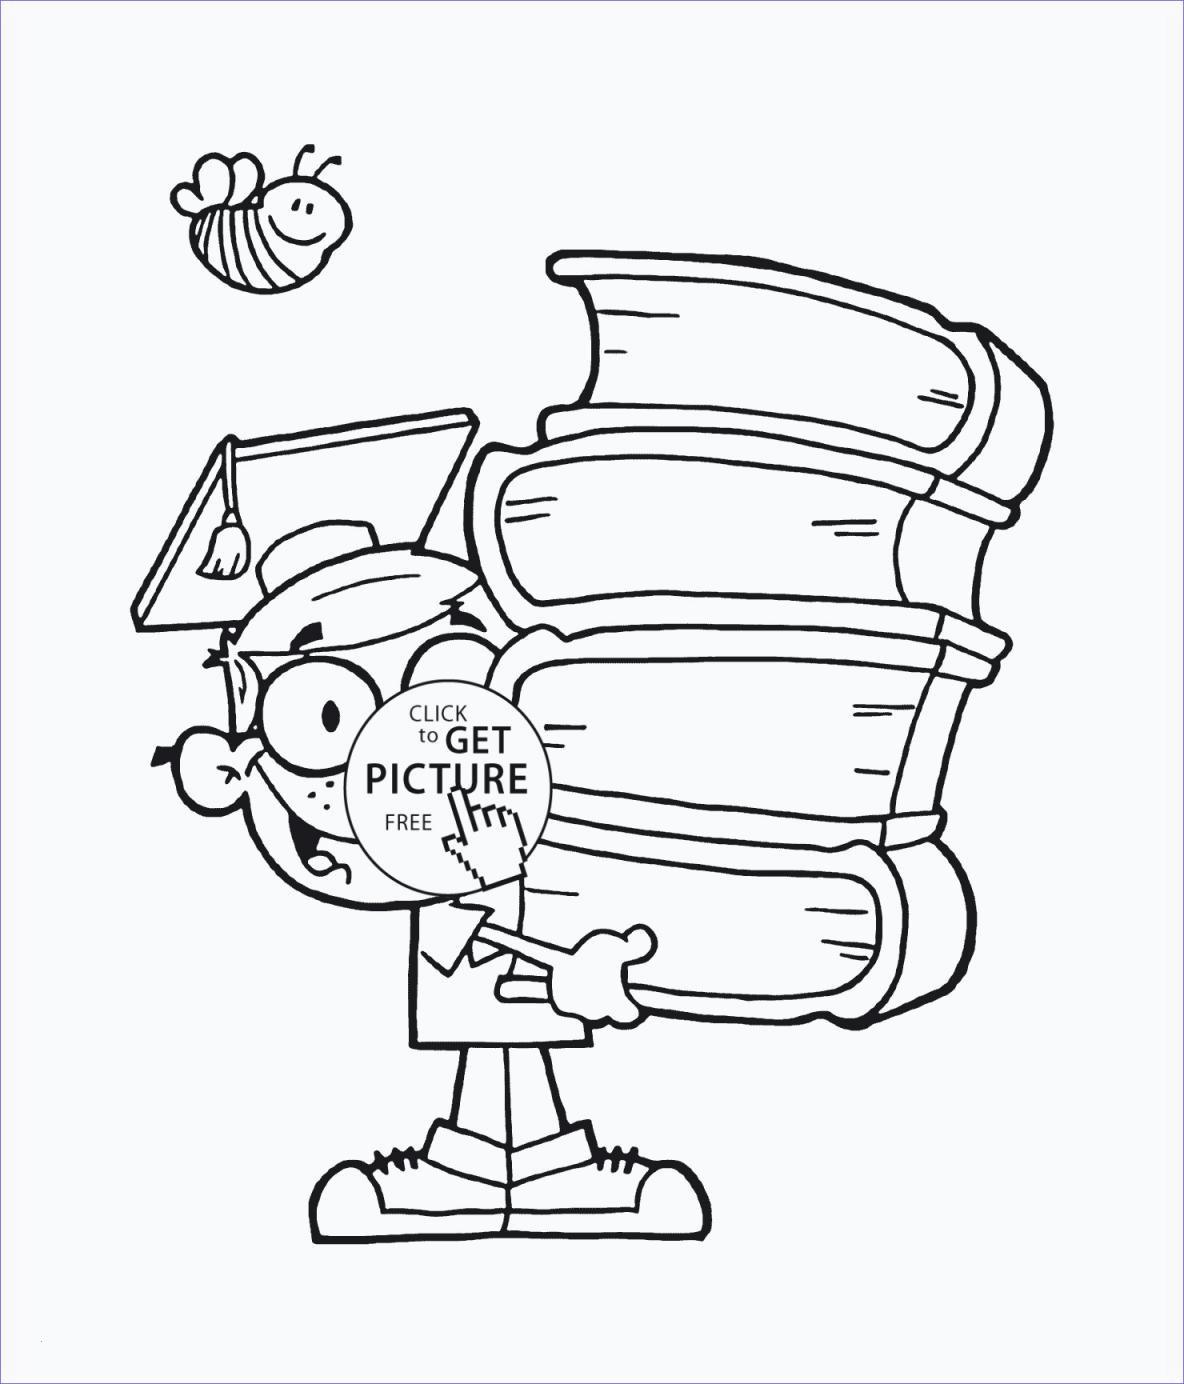 malvorlage zebra einzigartig malvorlagen igel frisch igel grundschule 0d archives uploadertalk sammlung